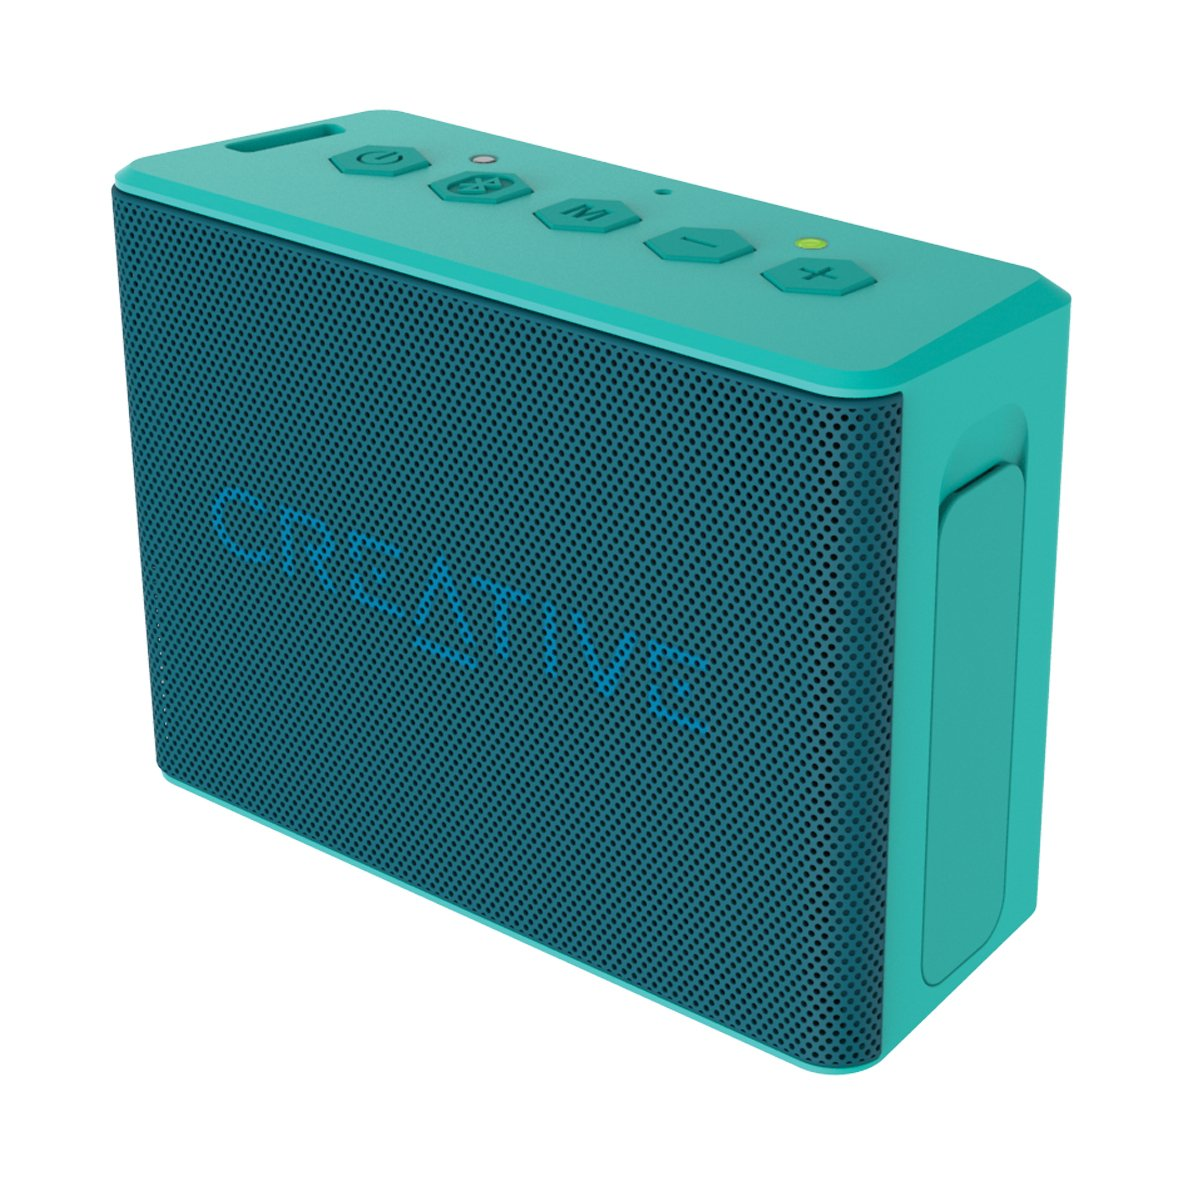 Creative Labs Muvo 2c - Altavoz portátil con Bluetooth, Color Turquesa